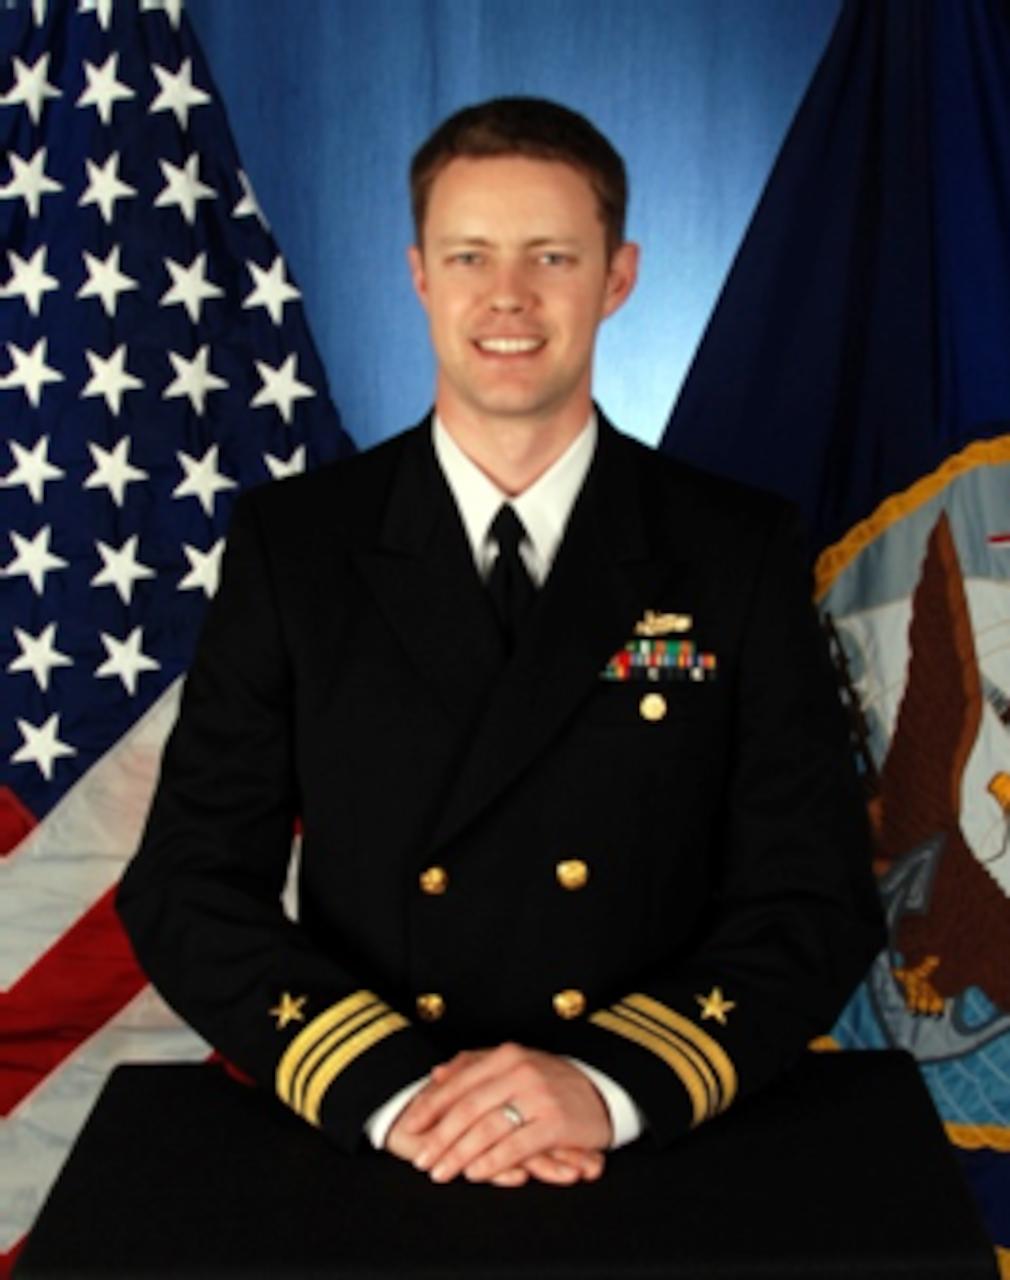 Studio portrait of Lt. Cmdr. David M. Schaller